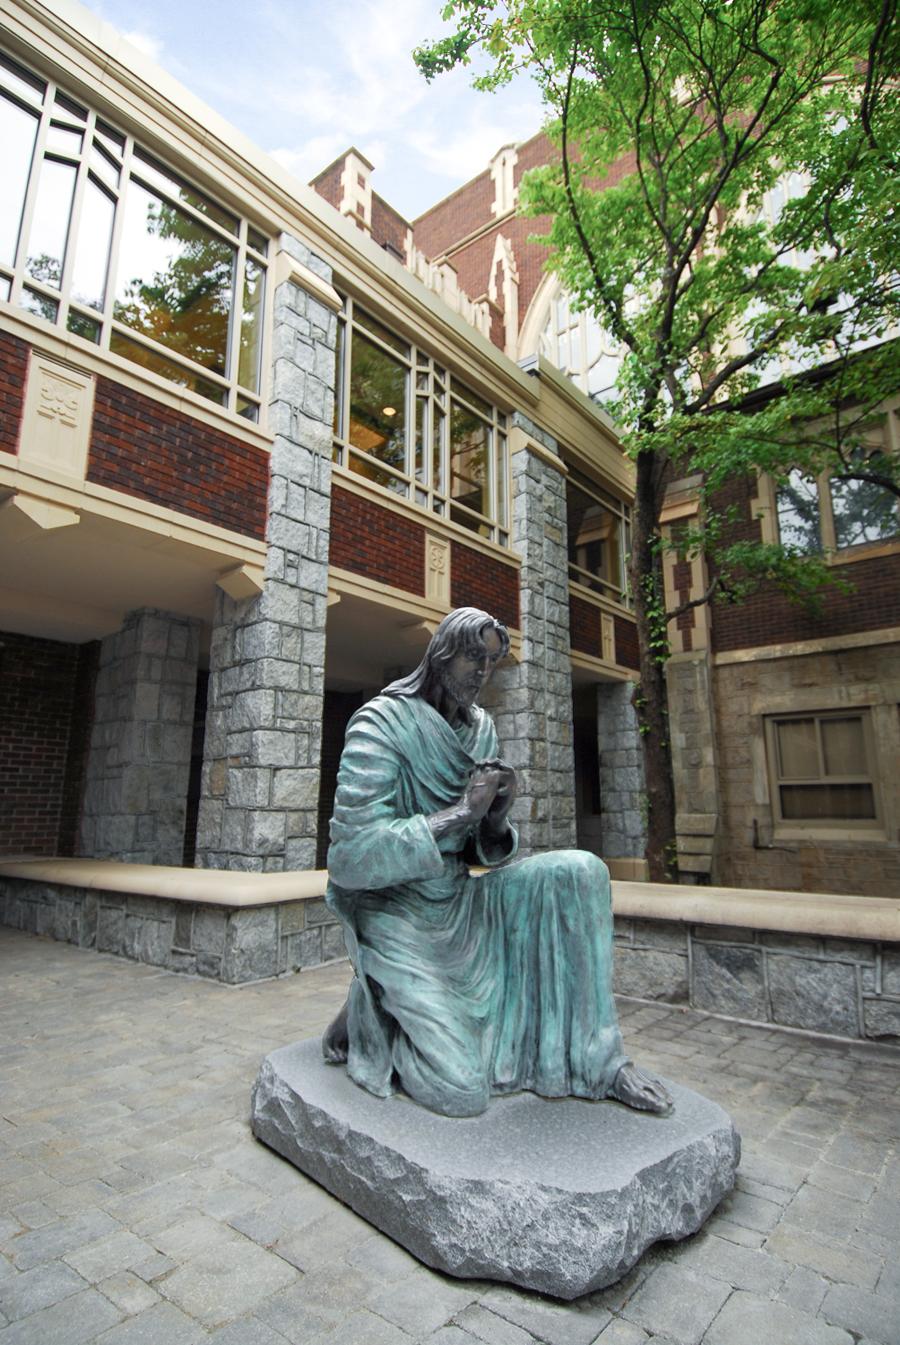 North Avenue Presbyterian Church Lobby - Portrait View